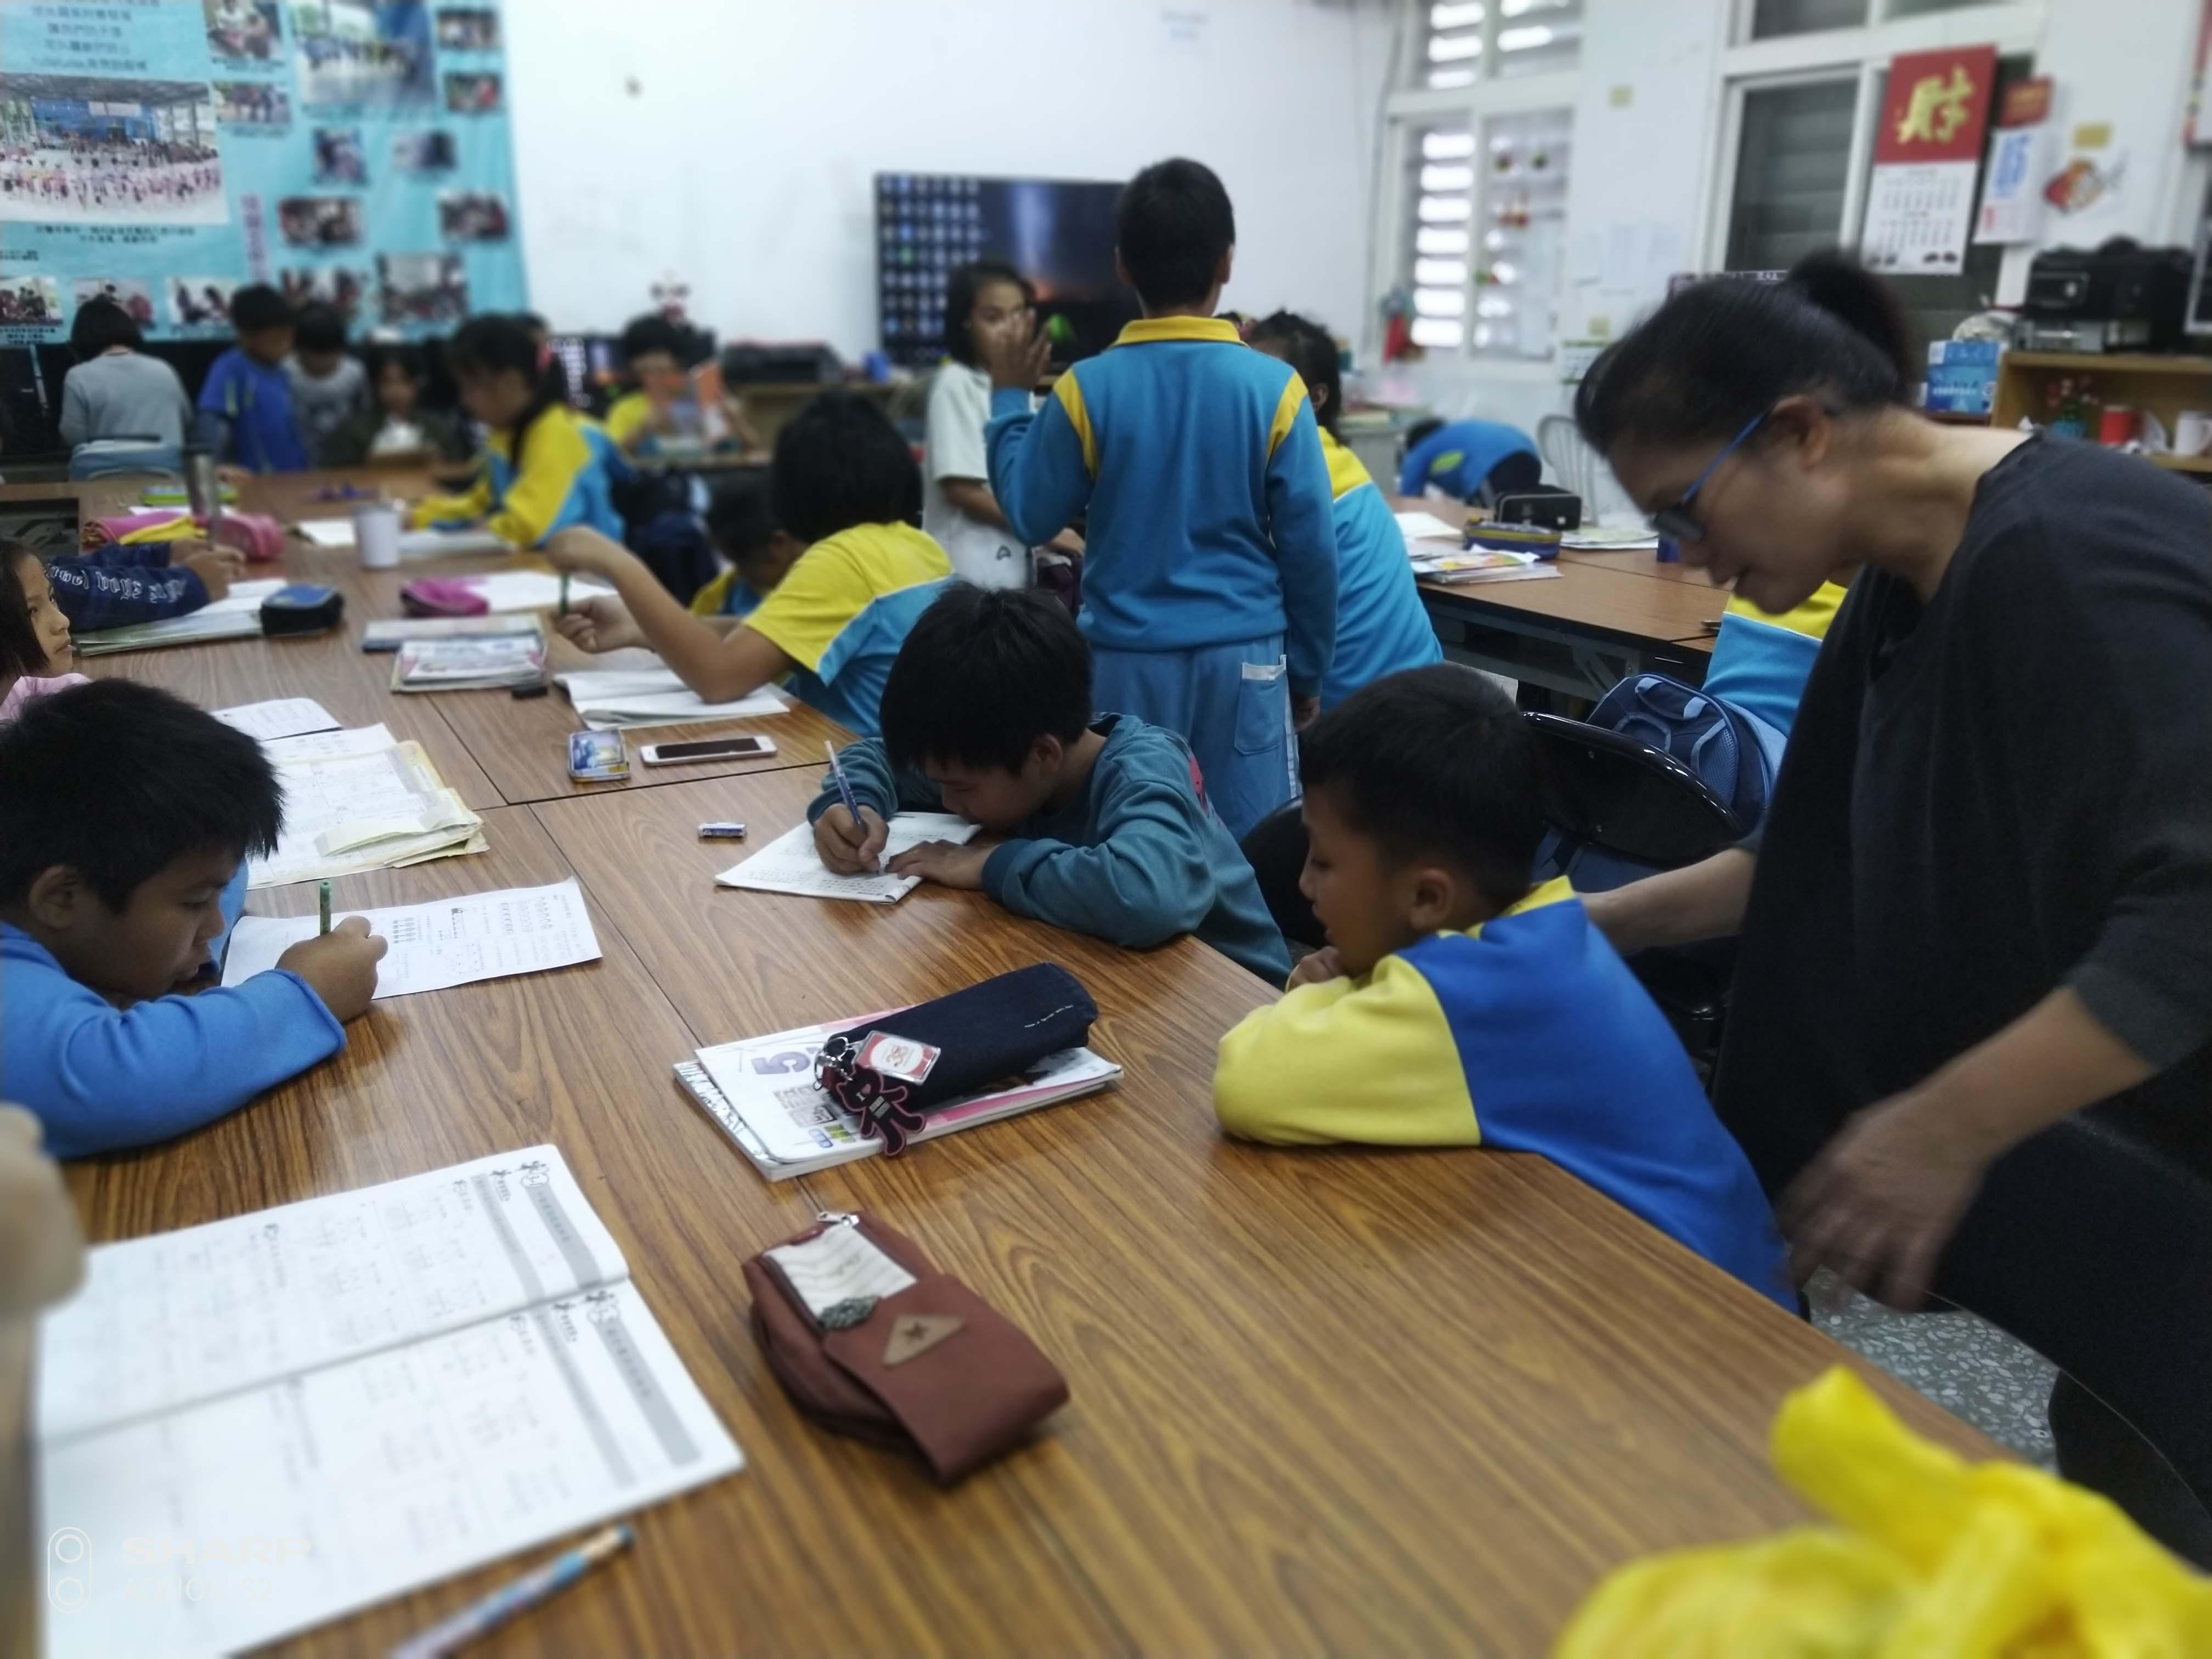 孩子們下課在書屋寫功課